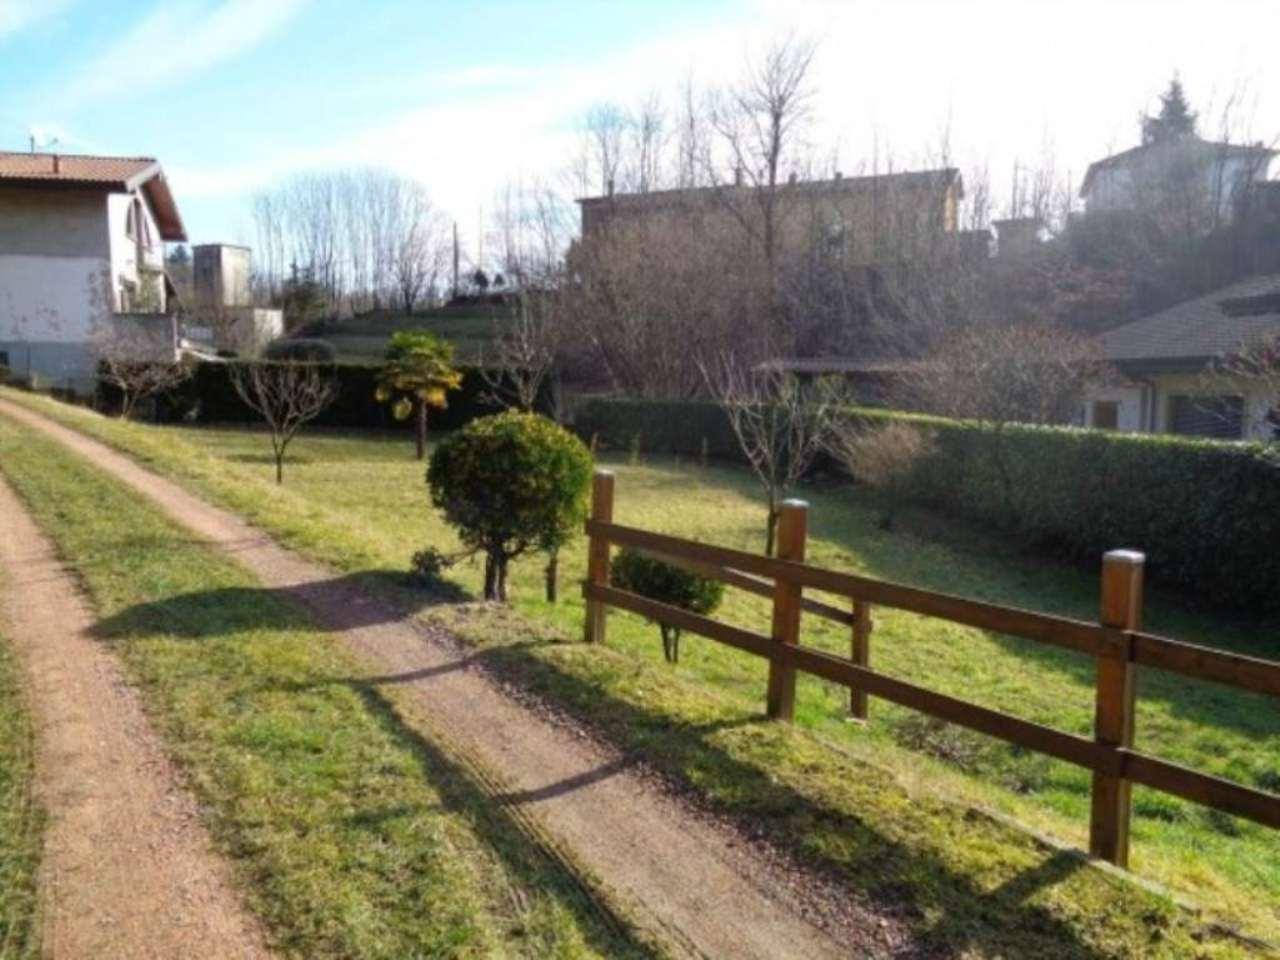 Terreno Edificabile Residenziale in vendita a Induno Olona, 9999 locali, prezzo € 130.000 | Cambio Casa.it